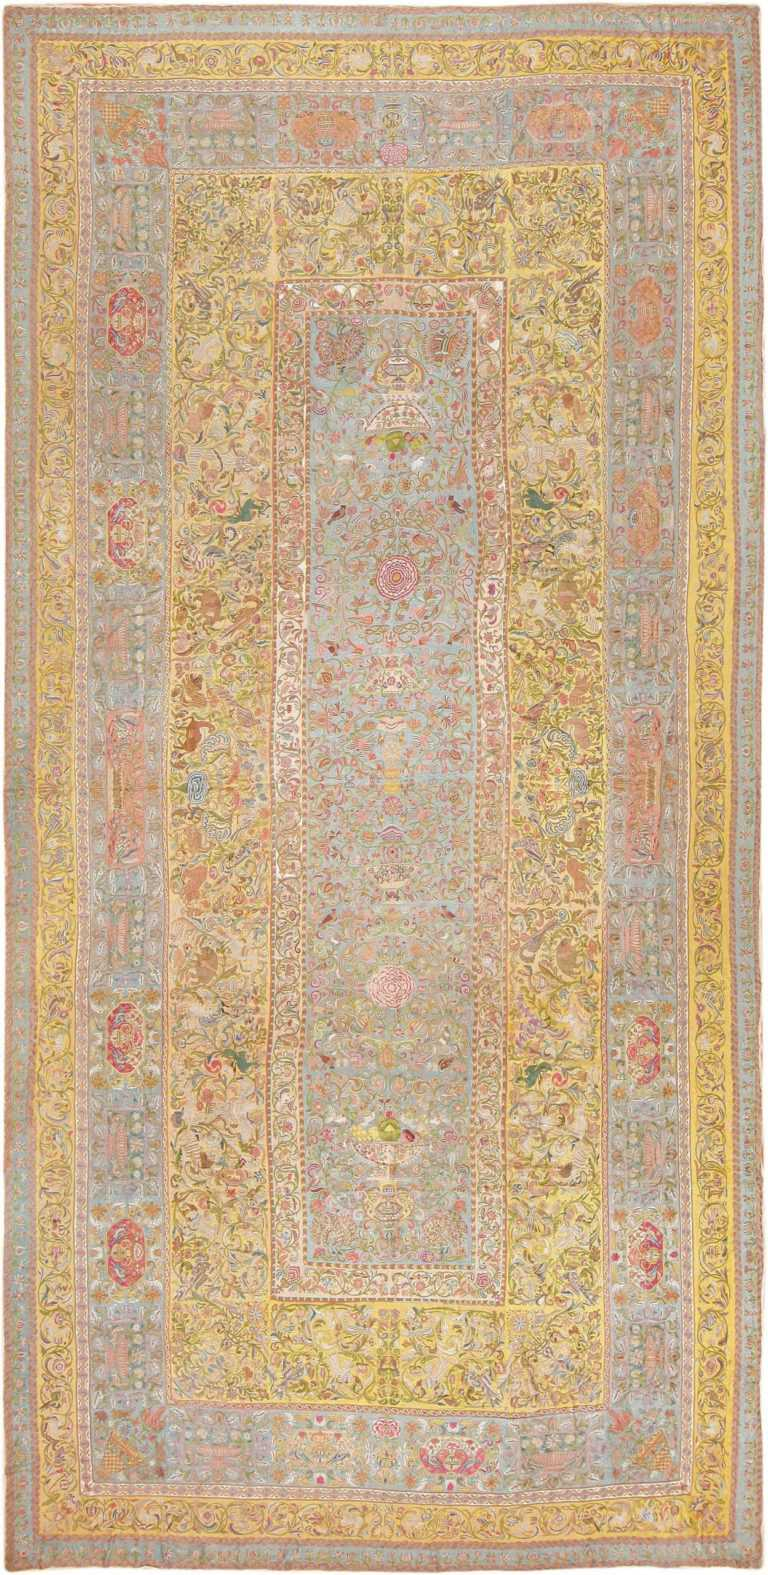 Late 17th Century Palace-Size Silk Indian Suzani Embroidery 46159 Nazmiyal